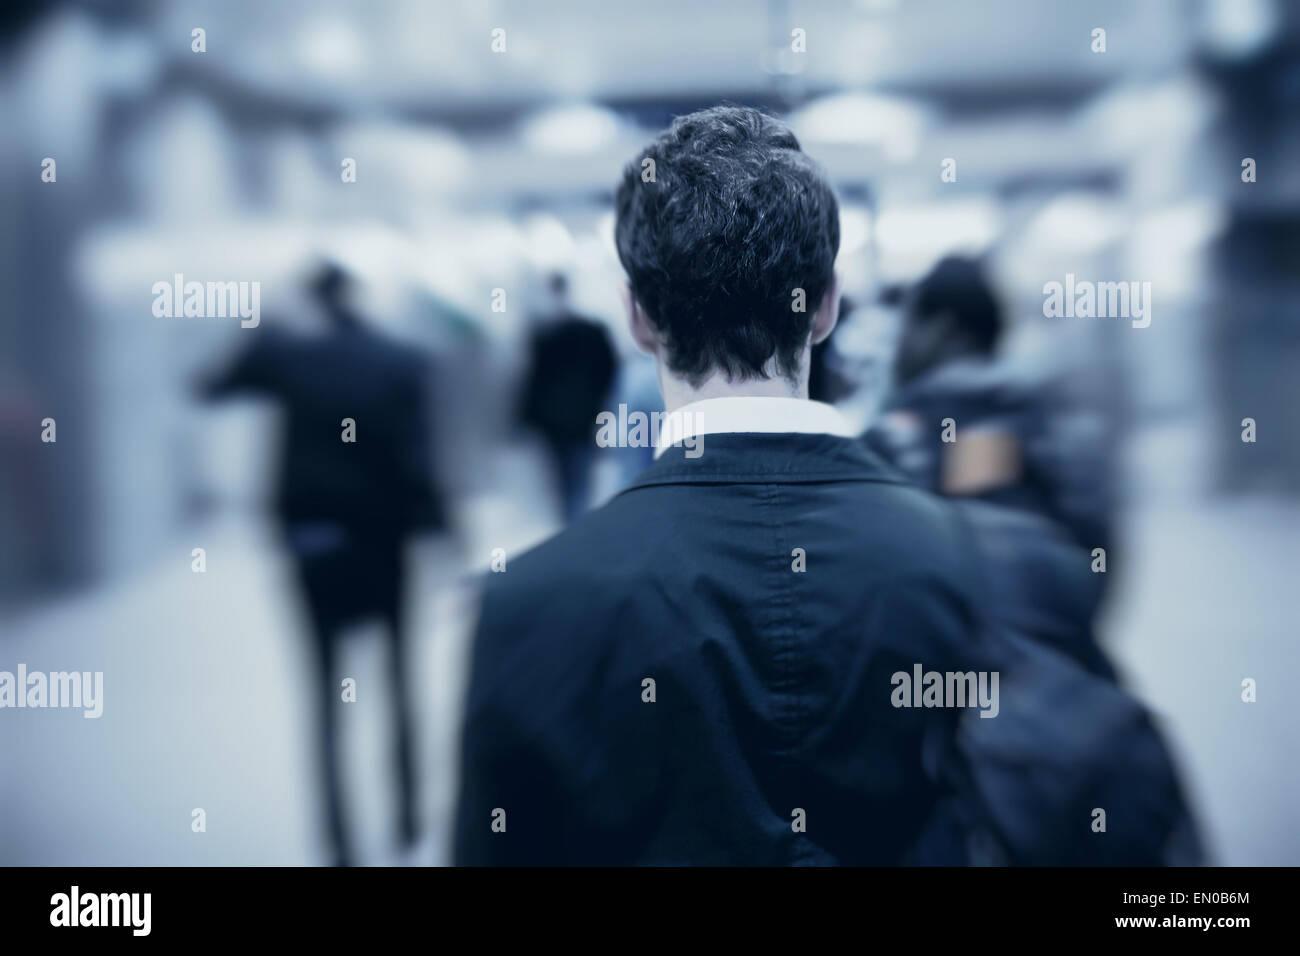 La gente caminando en metro, el movimiento borrosa, atrás del hombre Imagen De Stock